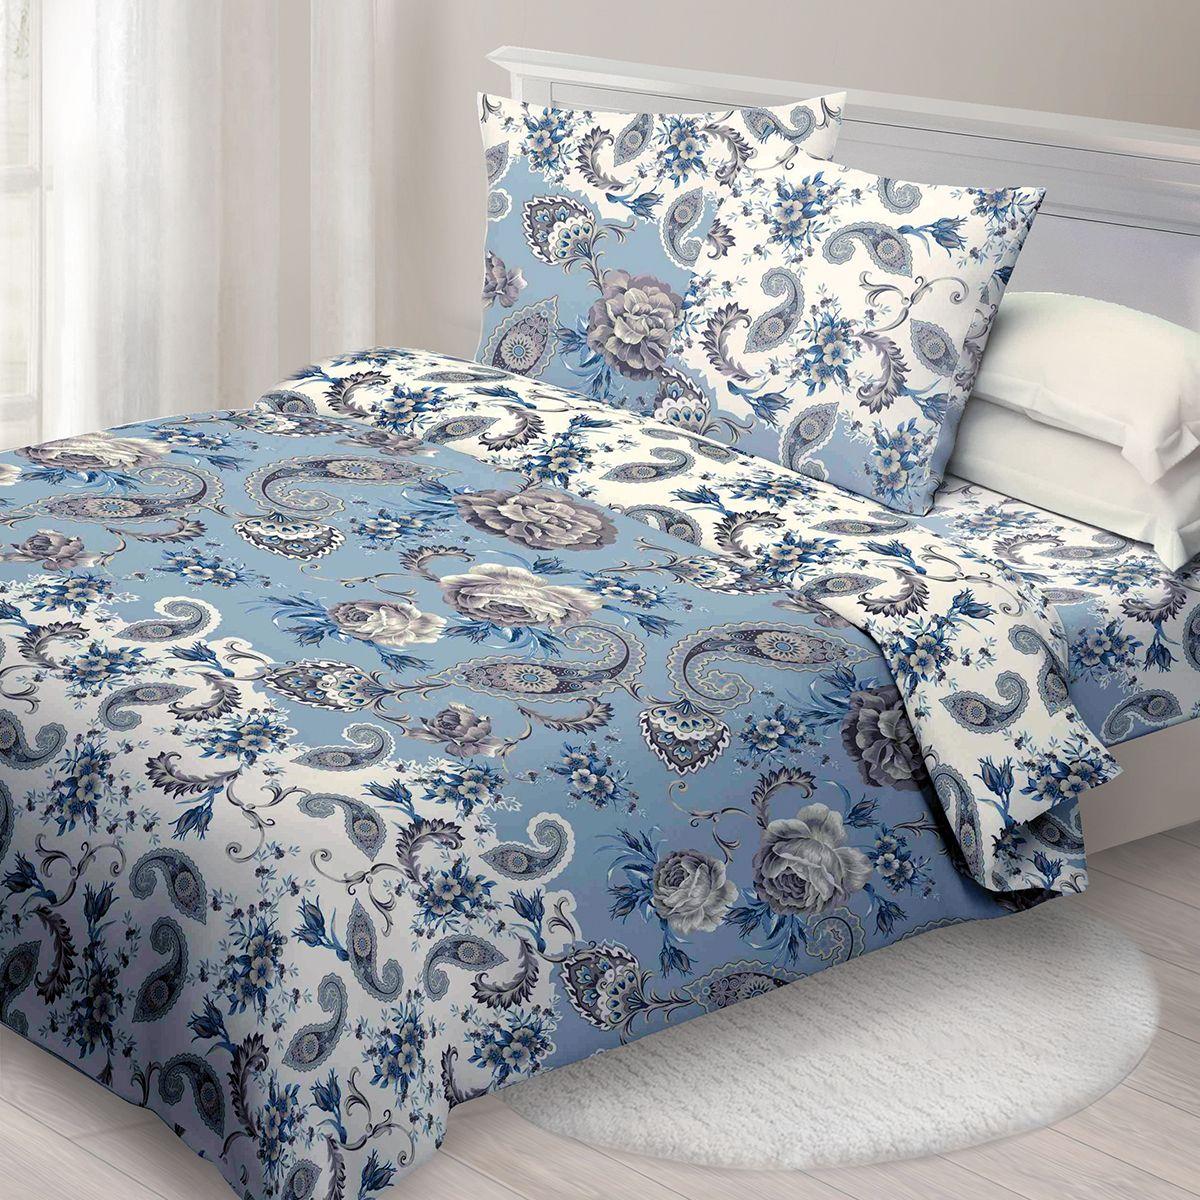 Комплект белья Спал Спалыч Дивин, cемейный, наволочки 70x70, цвет: голубой88063Спал Спалыч - недорогое, но качественное постельное белье из белорусской бязи. Актуальные дизайны, авторская упаковка в сочетании с качественными материалами и приемлемой ценой - залог успеха Спал Спалыча! В ассортименте широкая линейка домашнего текстиля для всей семьи - современные дизайны современному покупателю! Ткань обработана по технологии PERFECT WAY - благодаря чему, она становится более гладкой и шелковистой. • Бязь Барановичи 100% хлопок • Плотность ткани - 125 гр/кв.м.